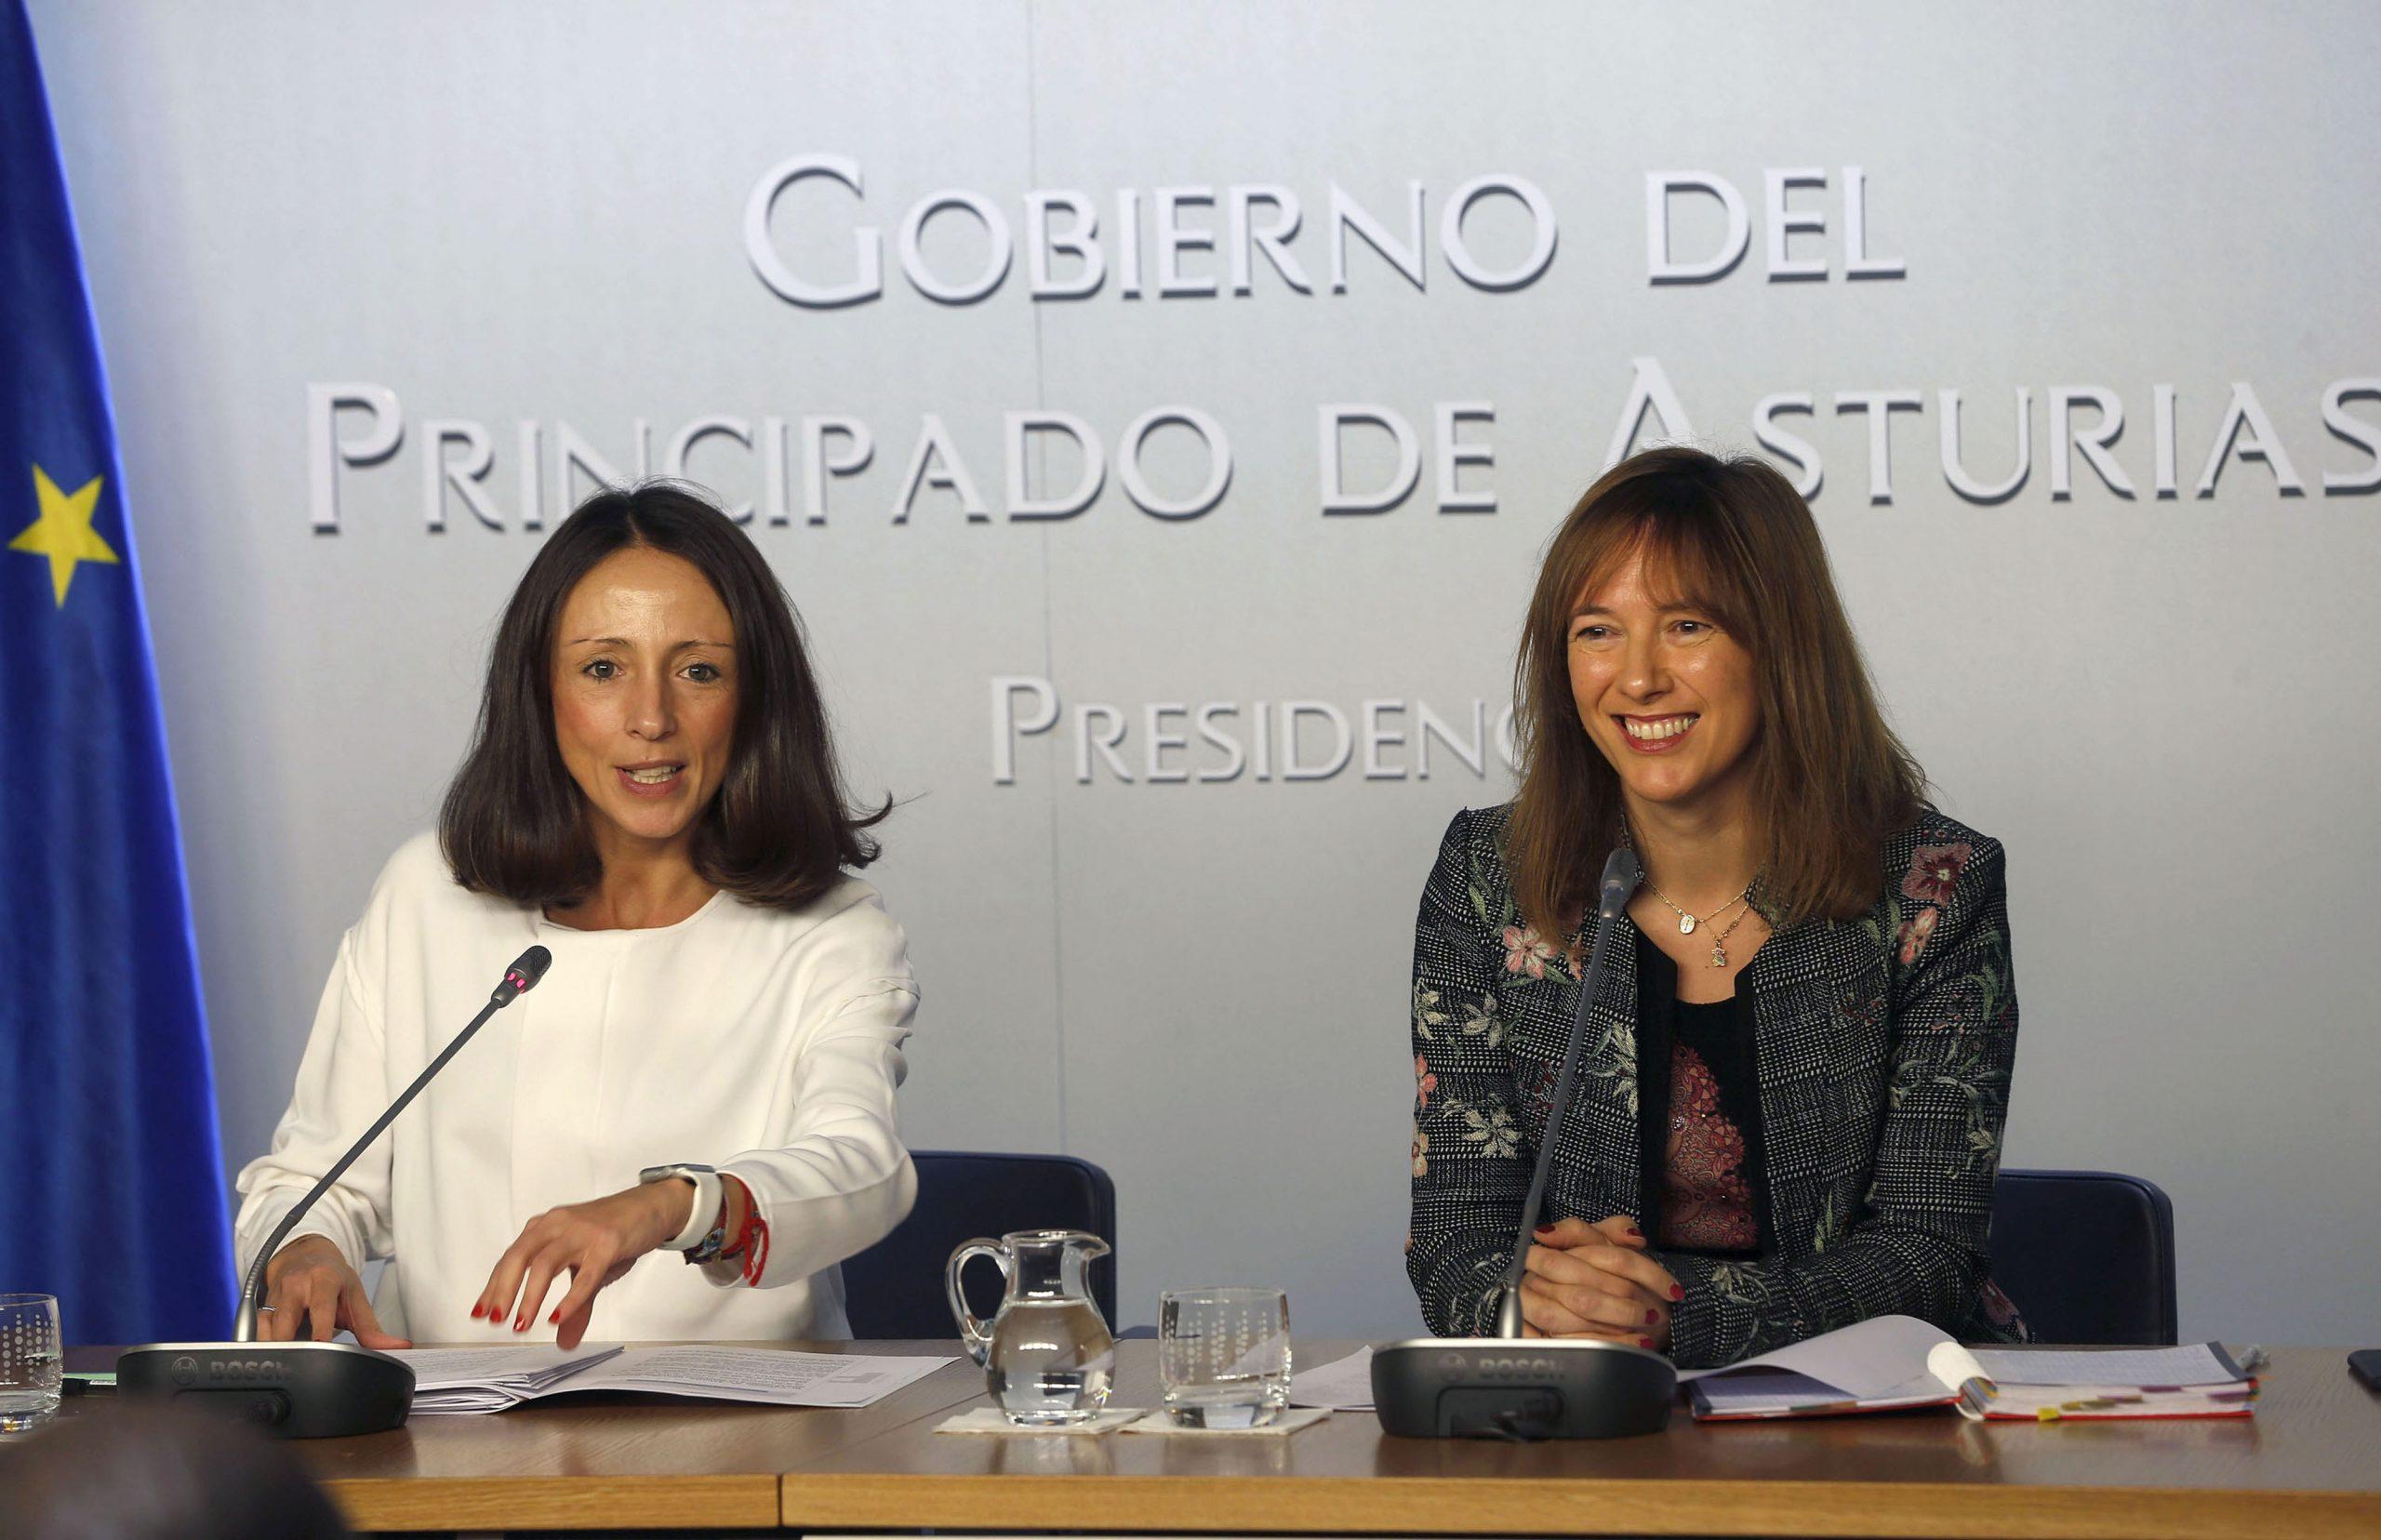 Prórroga durante otros 8 meses de la suspensión de autorizaciones para la apertura de establecimientos de juego en Asturias